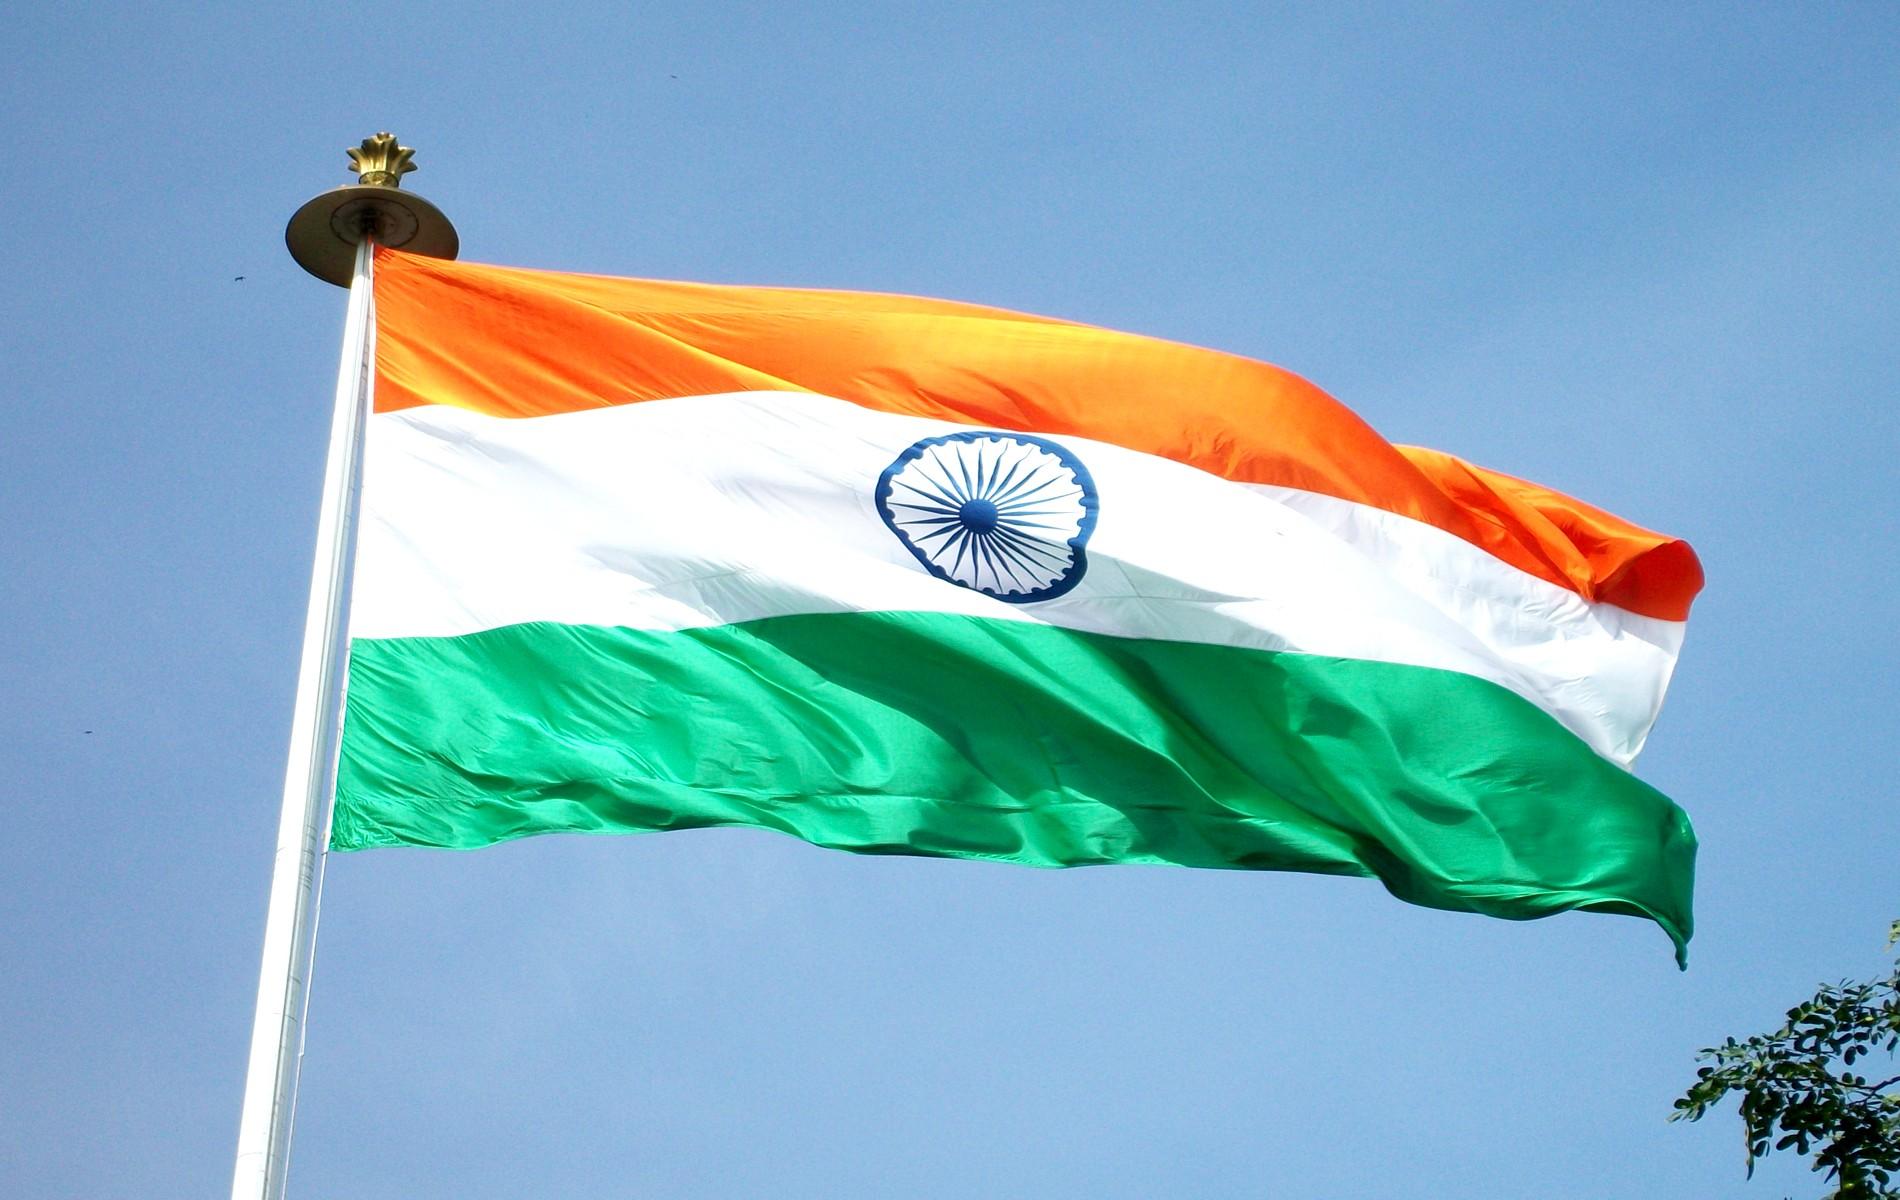 Gobierno estatal de Karnataka en la India trabaja para ayudar a las empresas criptográficas a crecer, según ministro del país